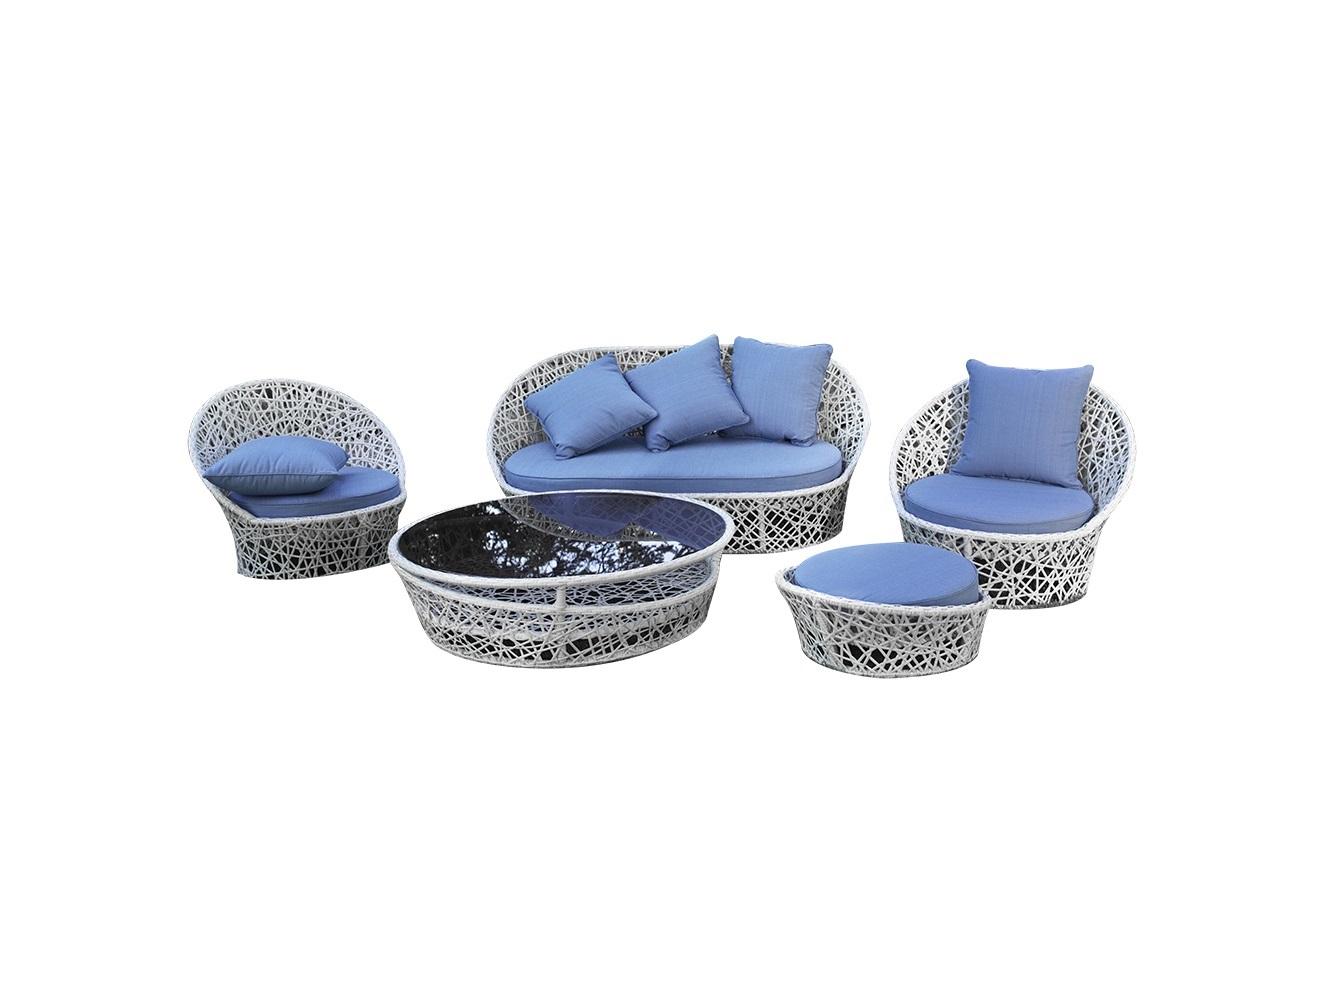 Комплект мебели ЛаурельКомплекты уличной мебели<br>Комплект мебели коллекции «Лаурель» поможет создать в Вашем интерьере ощущение легкости и воздушности, придаст ему спокойствие и величие. Небесно-голубые подушки в сочетании с белым плетением привнесут в Ваш дом стиль и особое настроение. Изящная мебель этой коллекции, как ни что иное, подчеркнет утонченность вкуса и благородство хозяев дома.&amp;amp;nbsp;&amp;lt;div&amp;gt;&amp;lt;br&amp;gt;&amp;lt;/div&amp;gt;&amp;lt;div&amp;gt;В комплект входит: диван, 2 кресла, столик и оттоманка.<br>Мебель из коллекции «Лаурель» может стоять на улице круглый год. Не боятся влаги и мороза.&amp;amp;nbsp;&amp;lt;/div&amp;gt;&amp;lt;div&amp;gt;Каркас не разборный, не раскладывается, подушки входят в стоимость. &amp;amp;nbsp;&amp;lt;/div&amp;gt;&amp;lt;div&amp;gt;&amp;lt;br&amp;gt;&amp;lt;/div&amp;gt;&amp;lt;div&amp;gt;Размеры мебели в комплекте:&amp;amp;nbsp;&amp;lt;/div&amp;gt;&amp;lt;div&amp;gt;Диван Лаурель 94*85.5*80&amp;amp;nbsp;&amp;lt;/div&amp;gt;&amp;lt;div&amp;gt;Кресло Лаурель 178*88*80&amp;amp;nbsp;&amp;lt;/div&amp;gt;&amp;lt;div&amp;gt;Столик Лаурель 50*97*46&amp;amp;nbsp;&amp;lt;/div&amp;gt;&amp;lt;div&amp;gt;Оттоманка Лаурель  ф67*28&amp;amp;nbsp;&amp;lt;/div&amp;gt;<br><br>Material: Искусственный ротанг